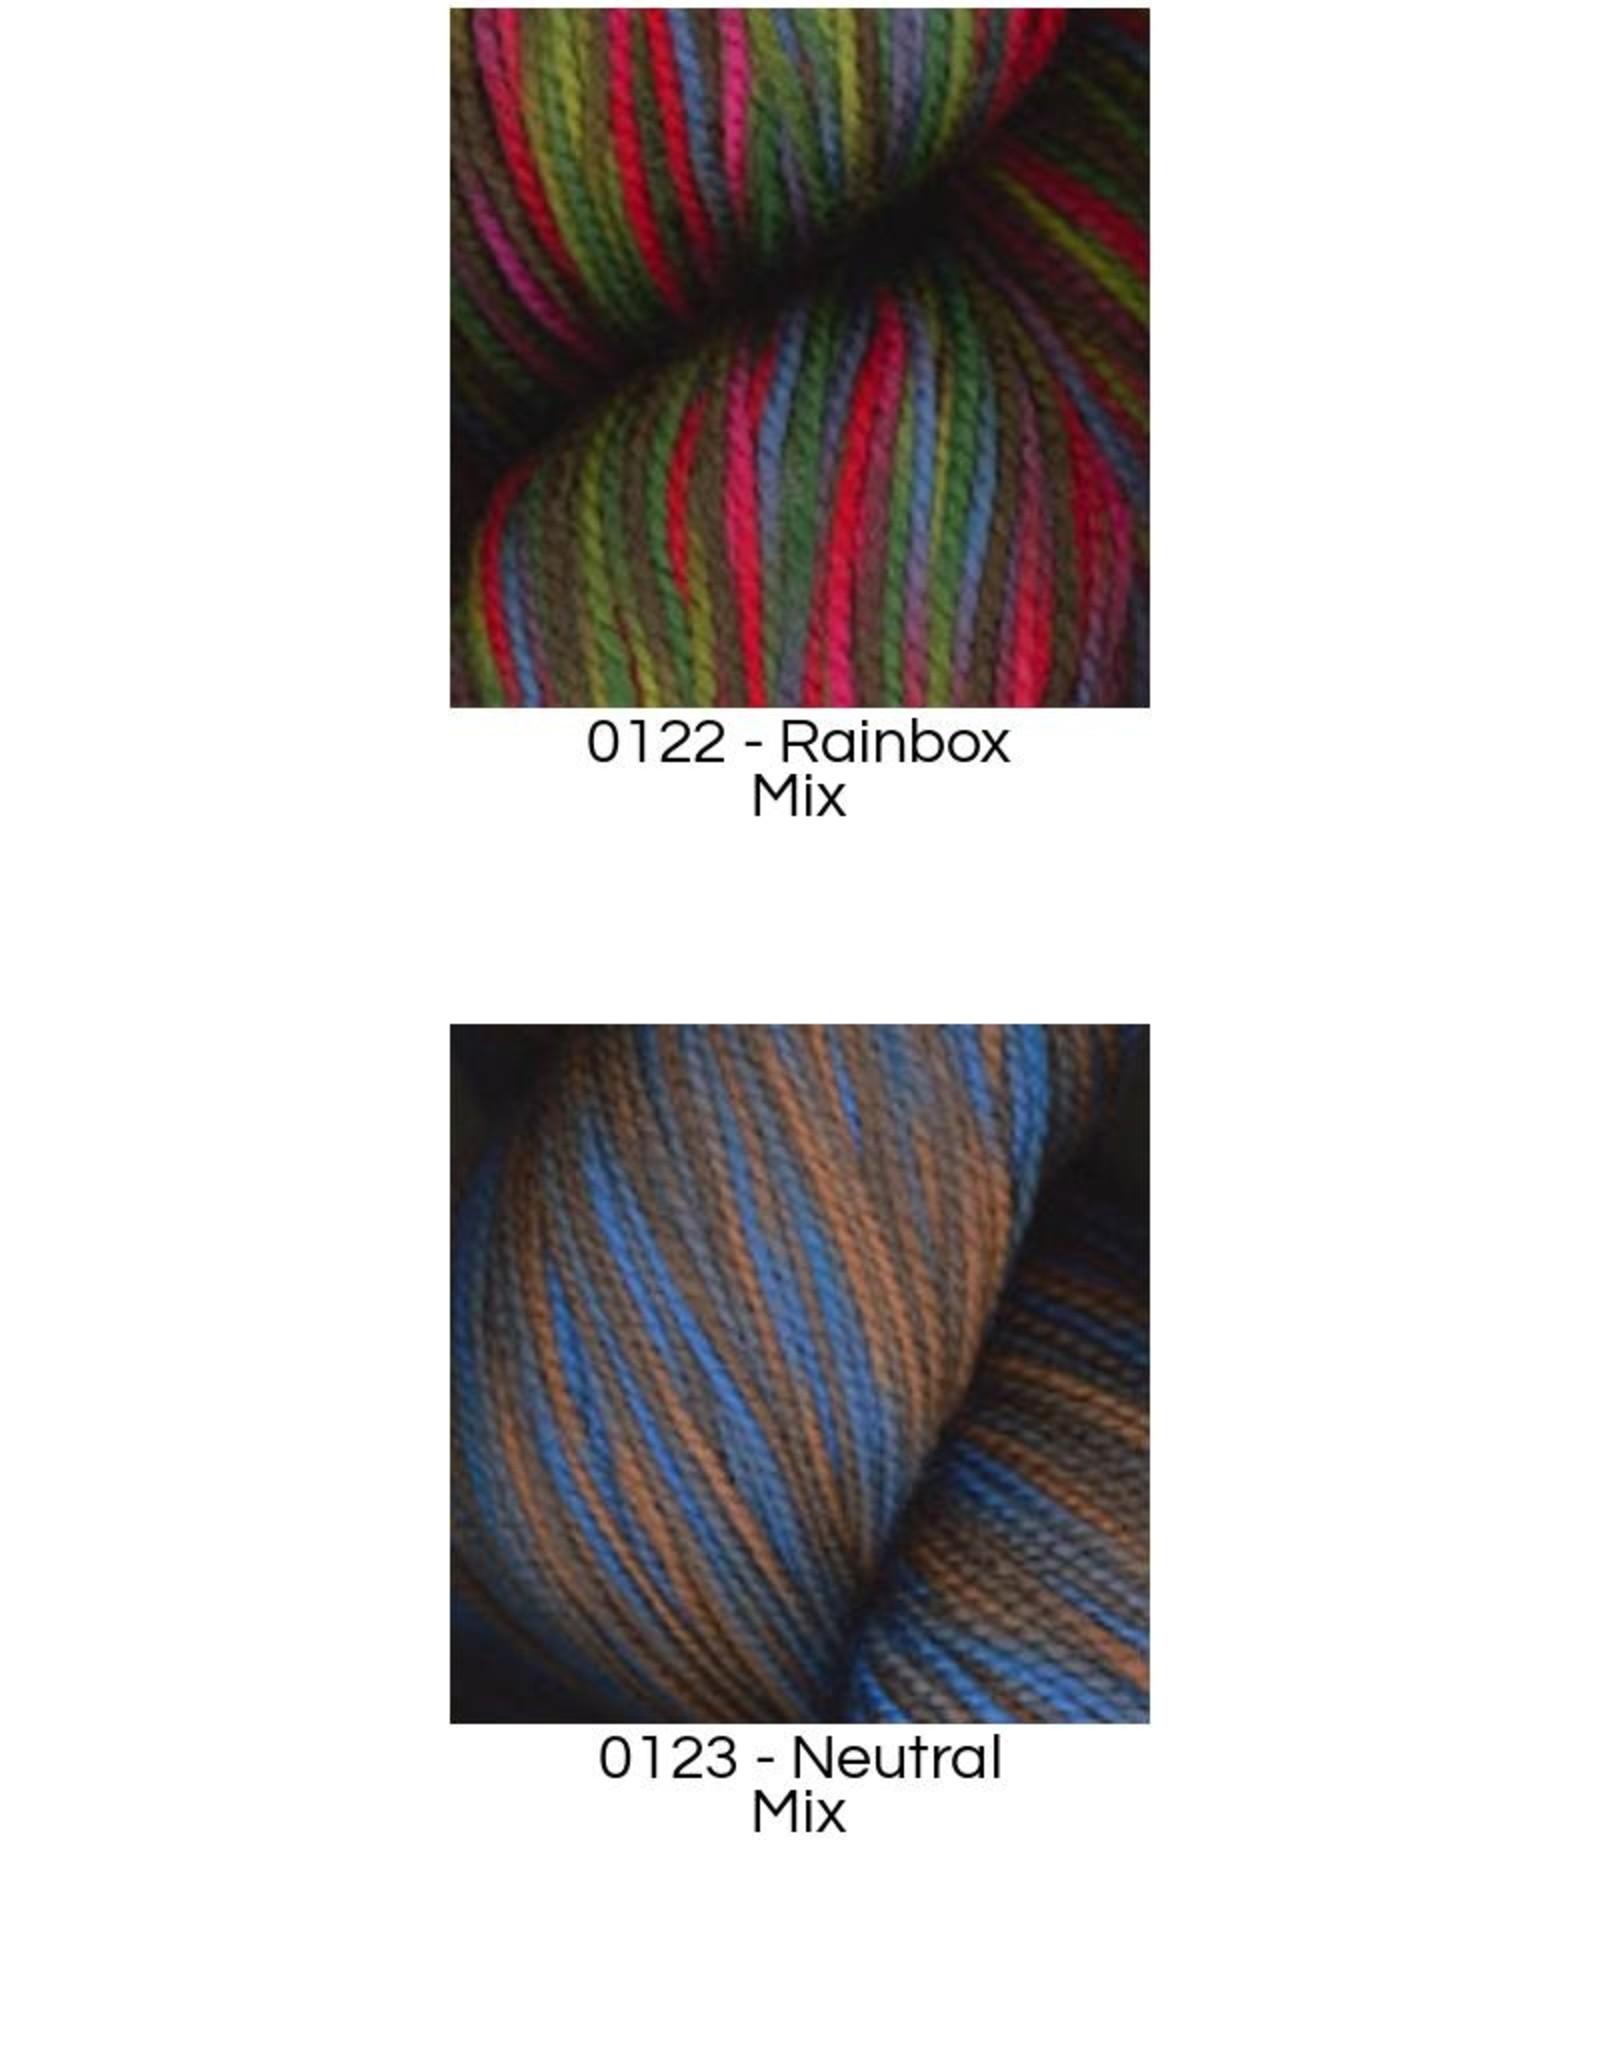 Plymouth Yarn Happy Feet 100